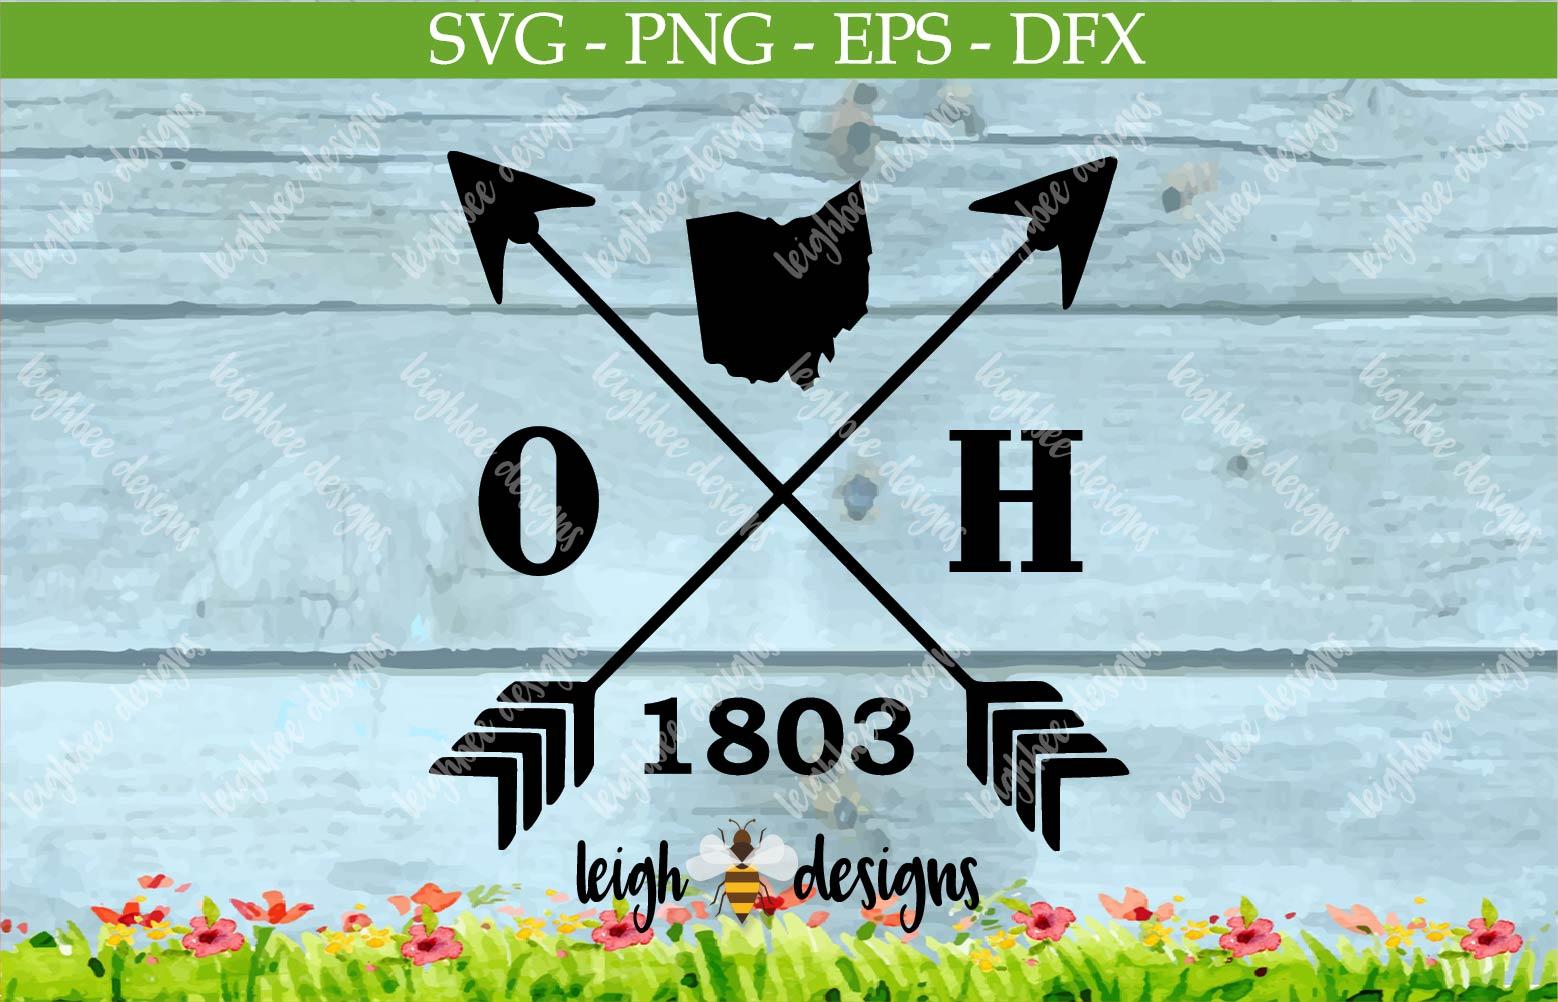 Arrow Ohio 1803 example image 1